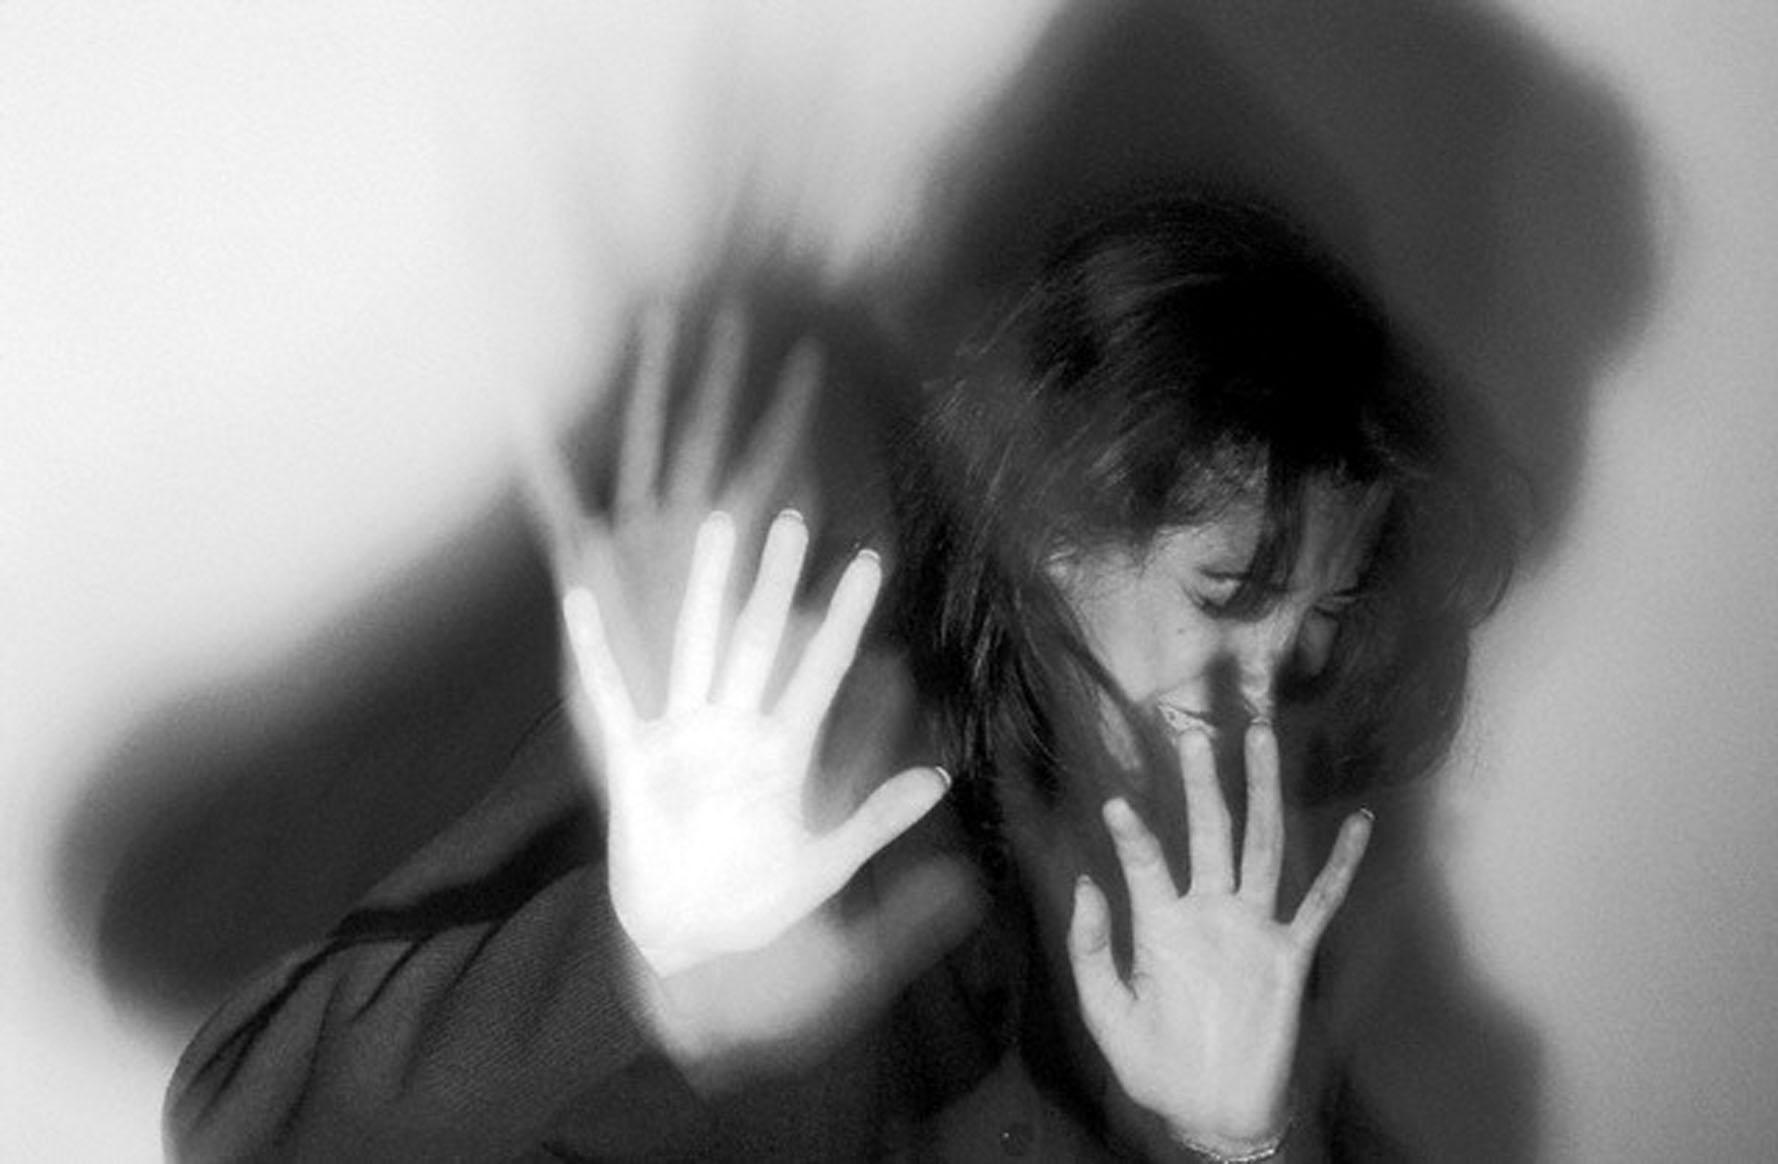 Возвращалась домой от подруги: В Черниговской области преступник жестоко надругался над ребенком